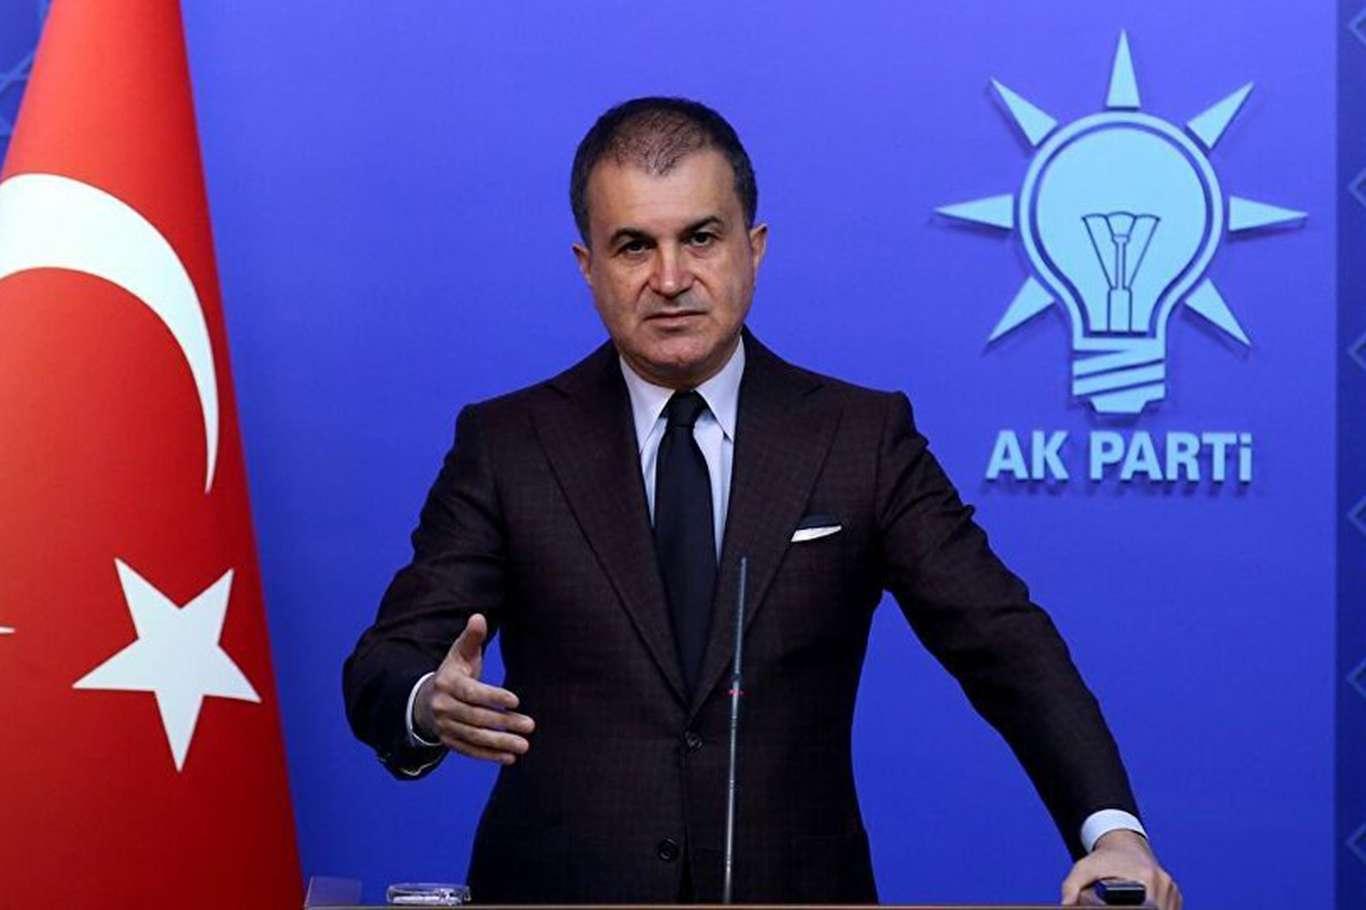 AK Parti Sözcüsü Çelik'ten ABD'ye sert tepki